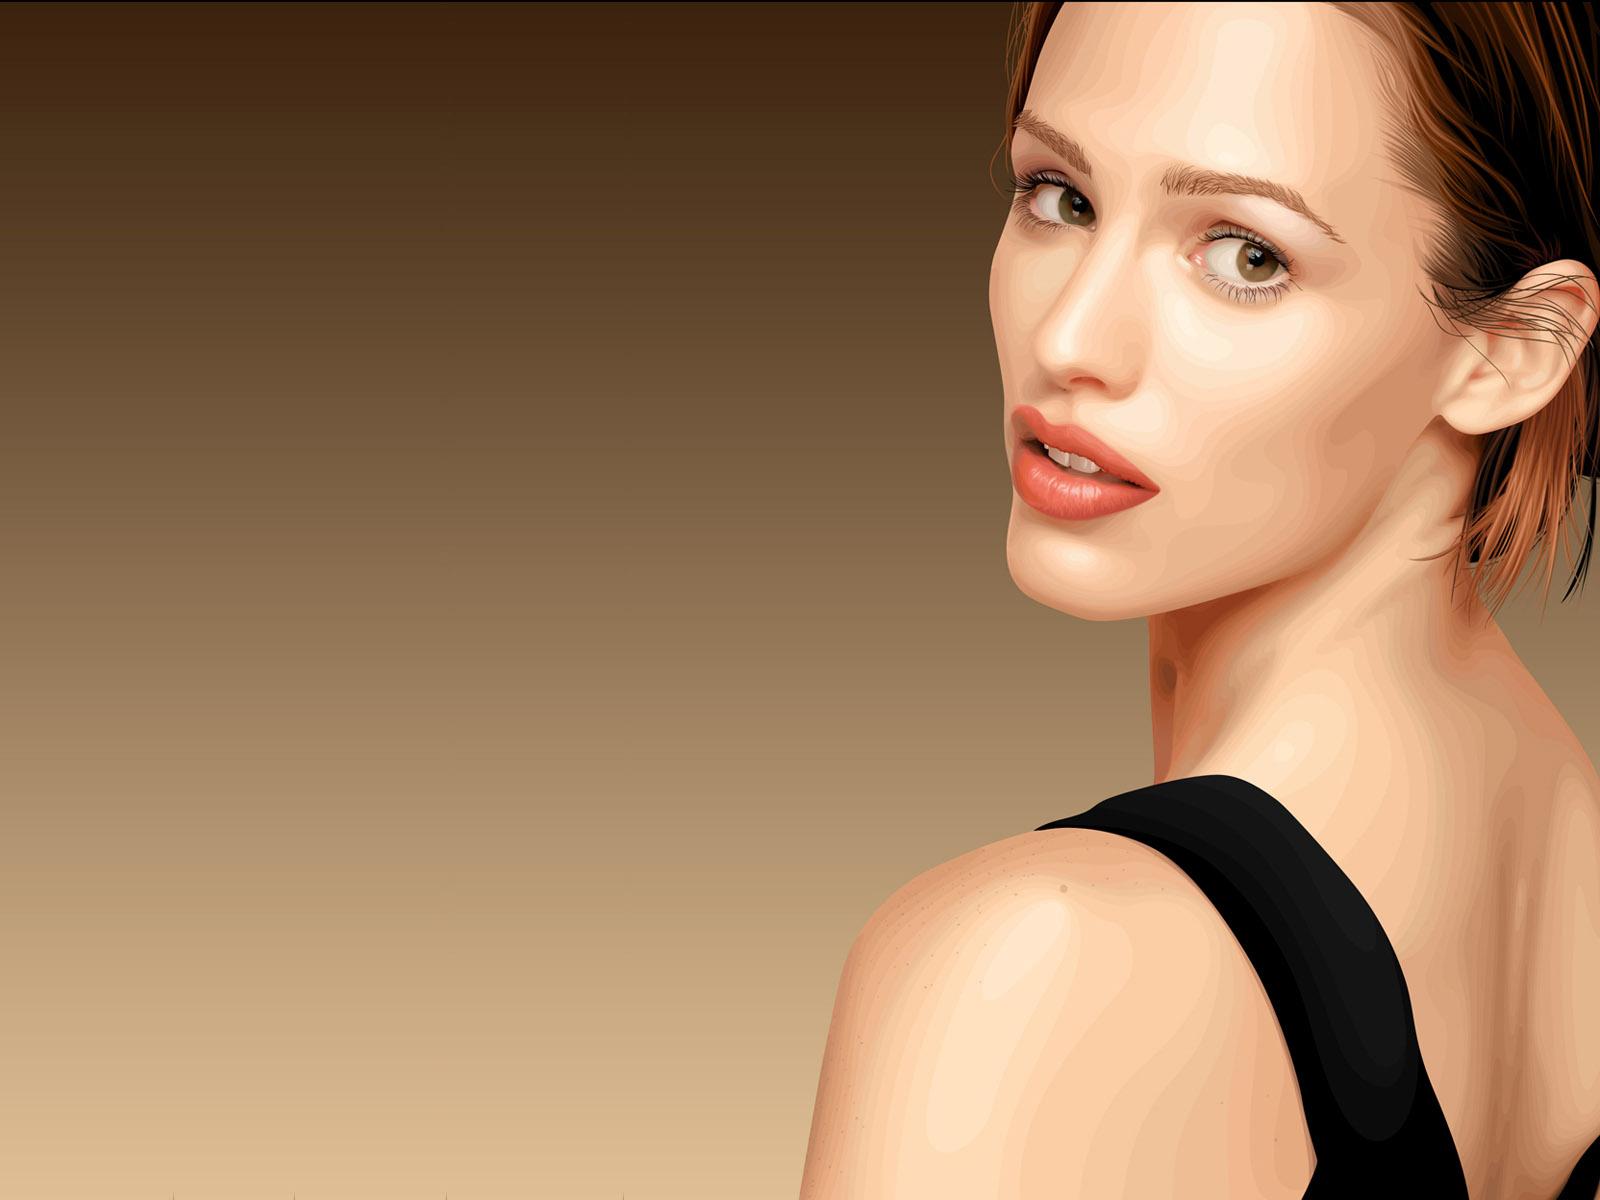 Fashion women wallpaper 21905